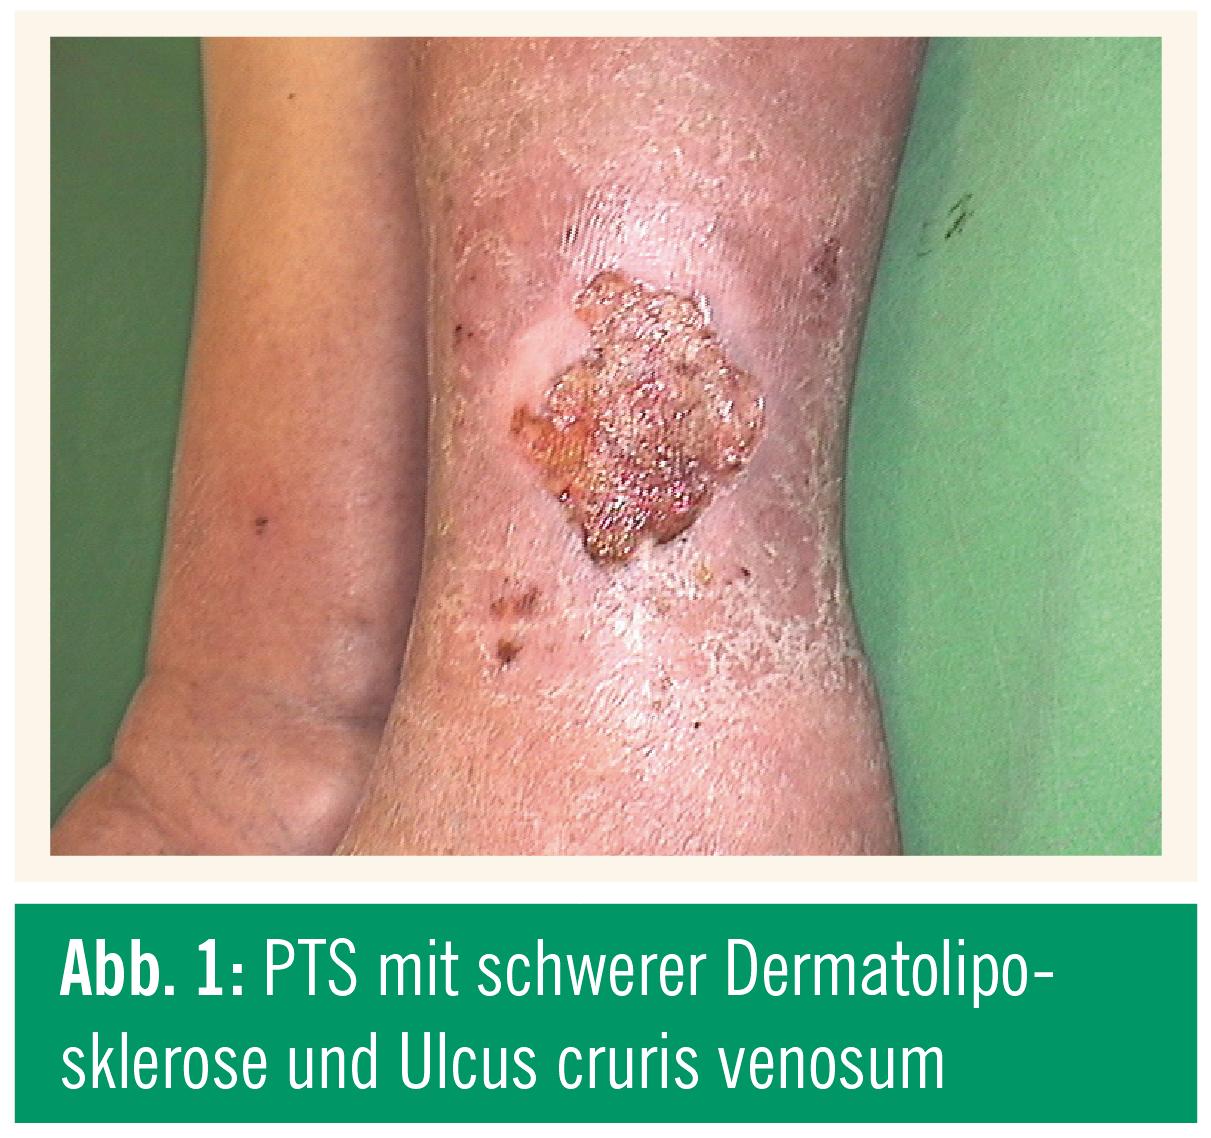 Der Nagelzwang im Finger des Beines die Behandlung